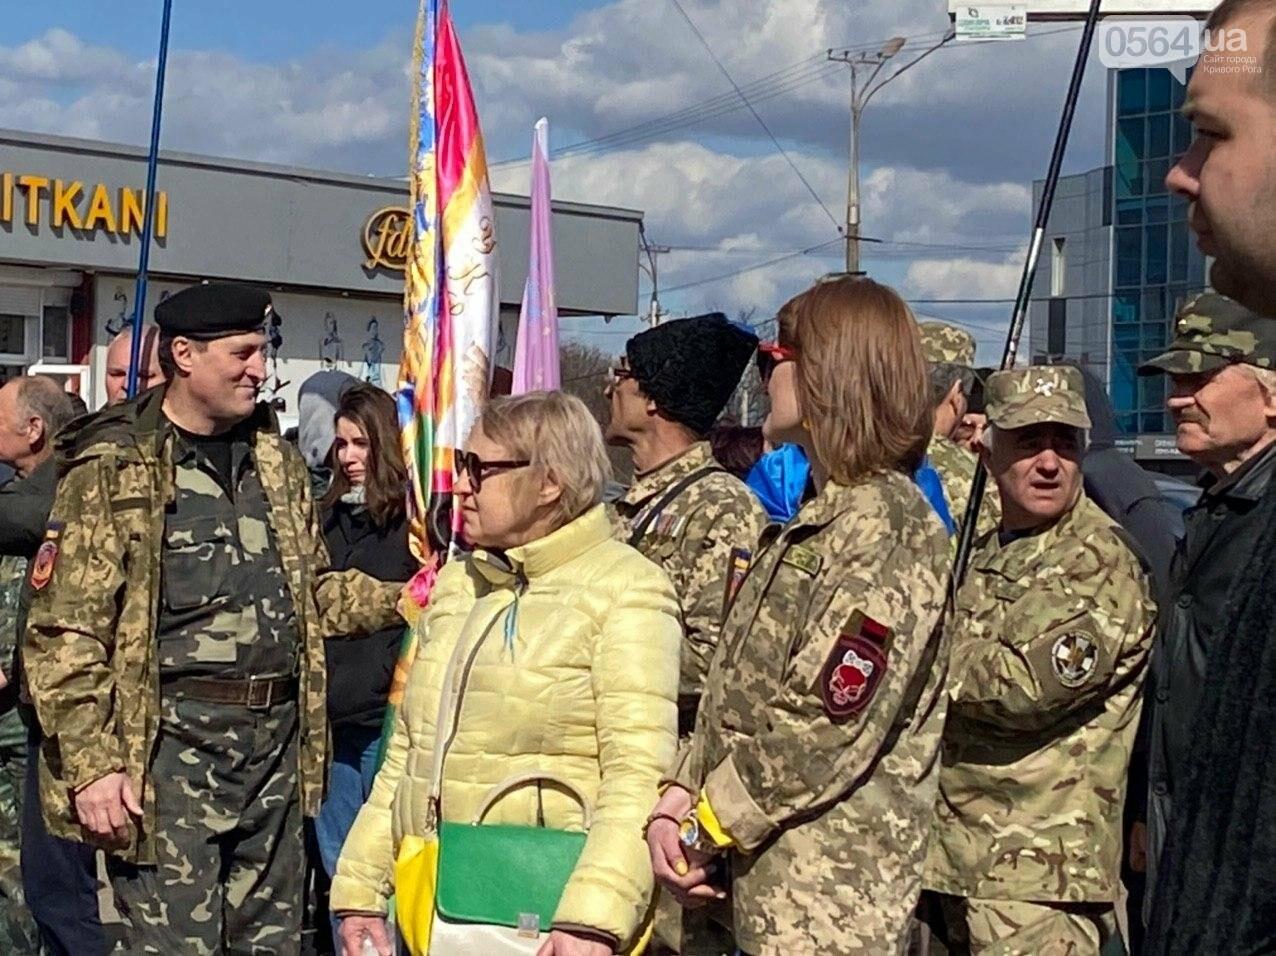 """""""Слава воинам-добровольцам!"""", """"Нет капитулянтам-малороссам!"""": в Кривом Роге отметили День добровольца, - ФОТО, ВИДЕО, фото-19"""